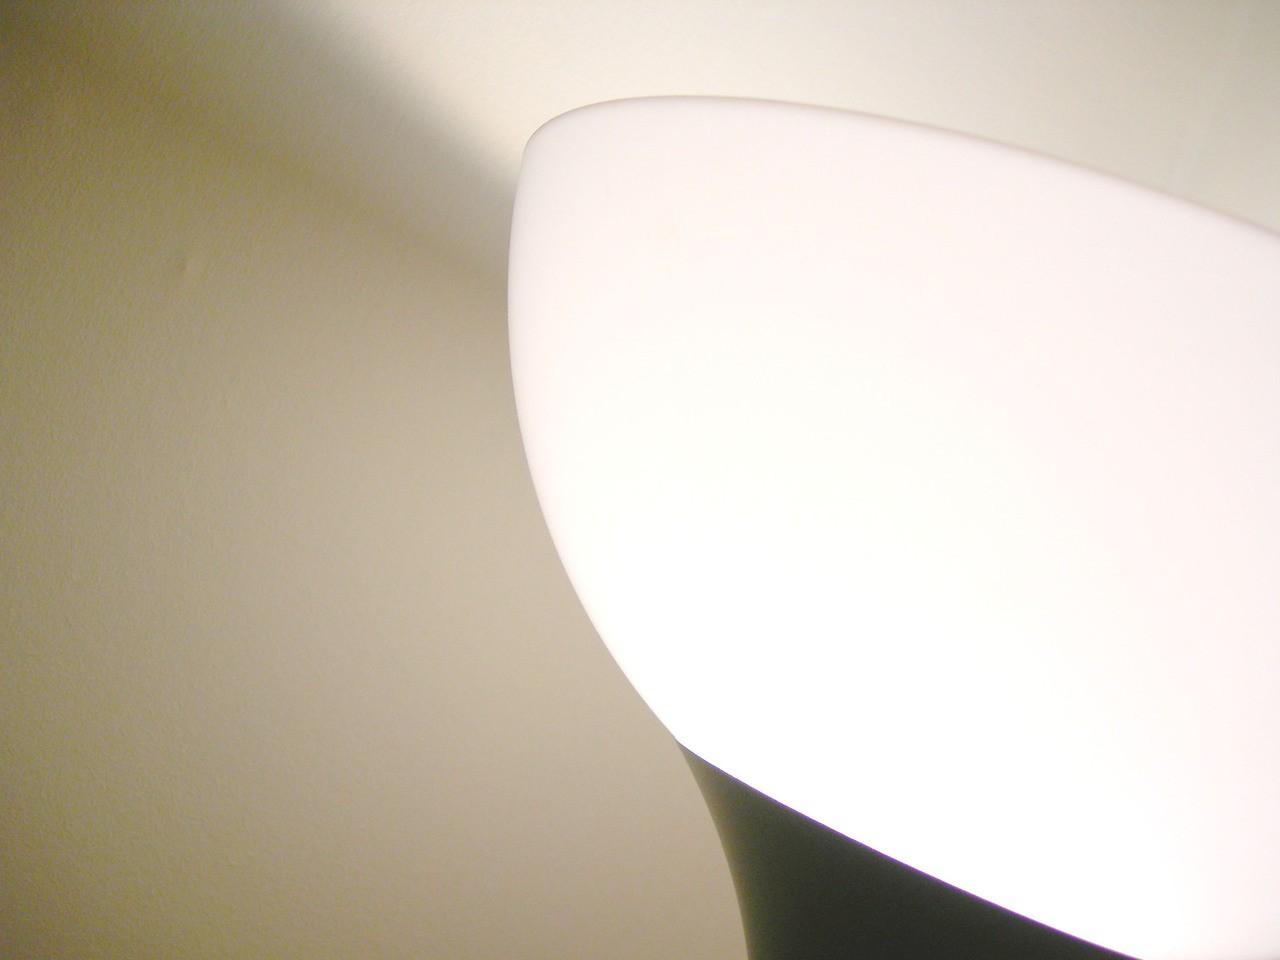 Oprawa downlight jako stylowa dekoracja